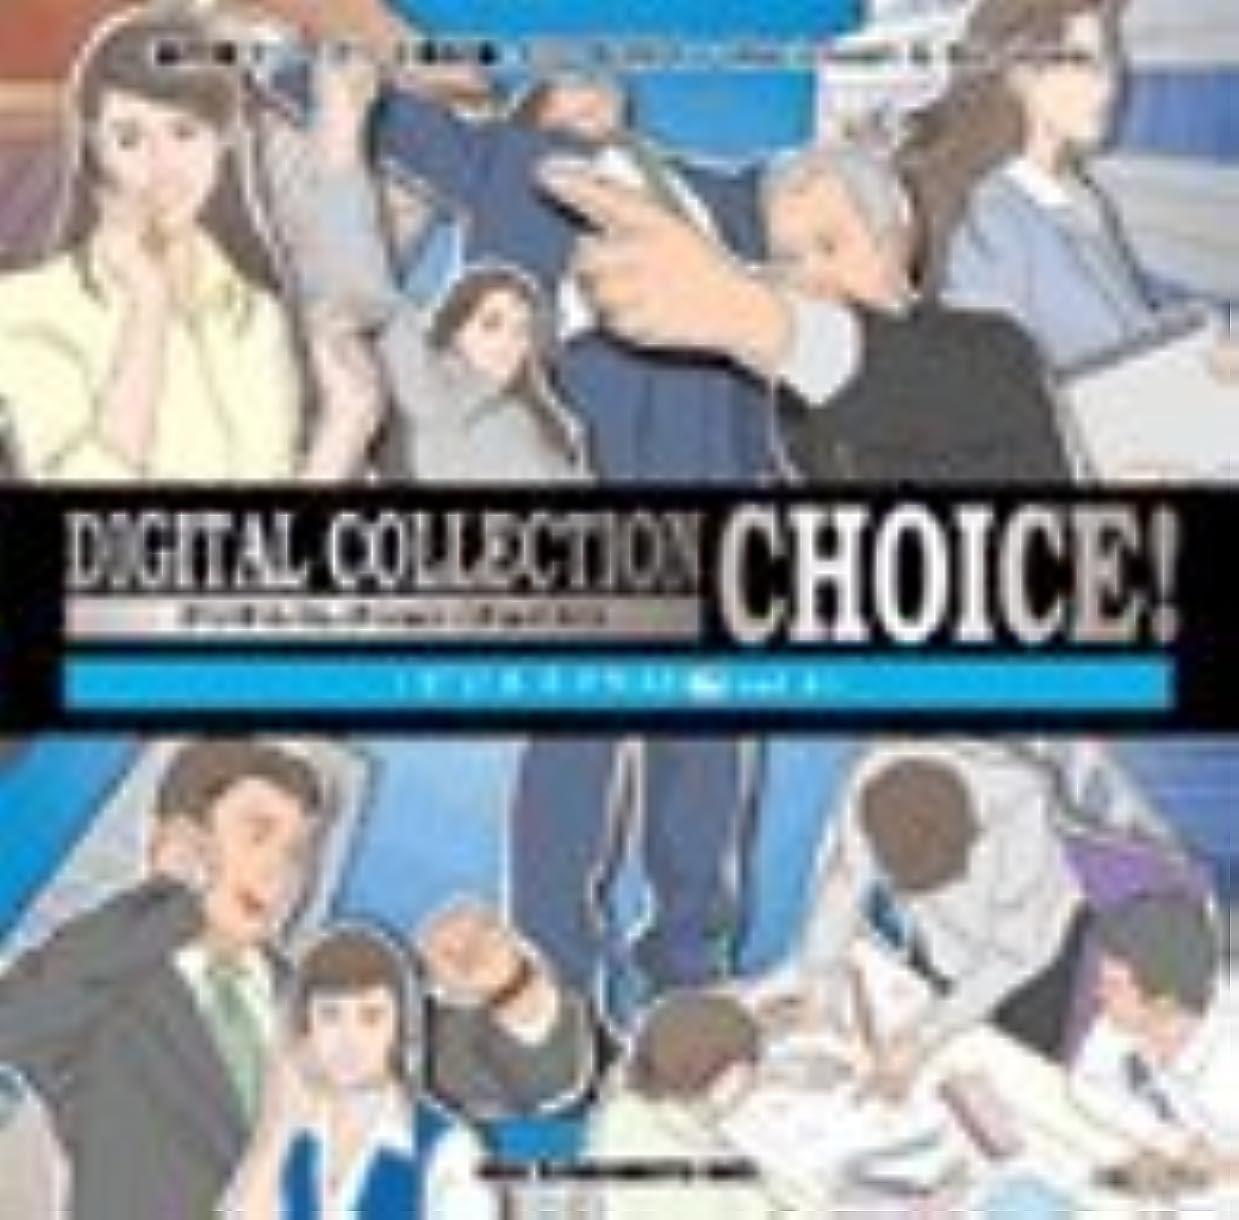 許容減らすチューリップDigital Collection Choice! ビジネスイラスト編VOL.3